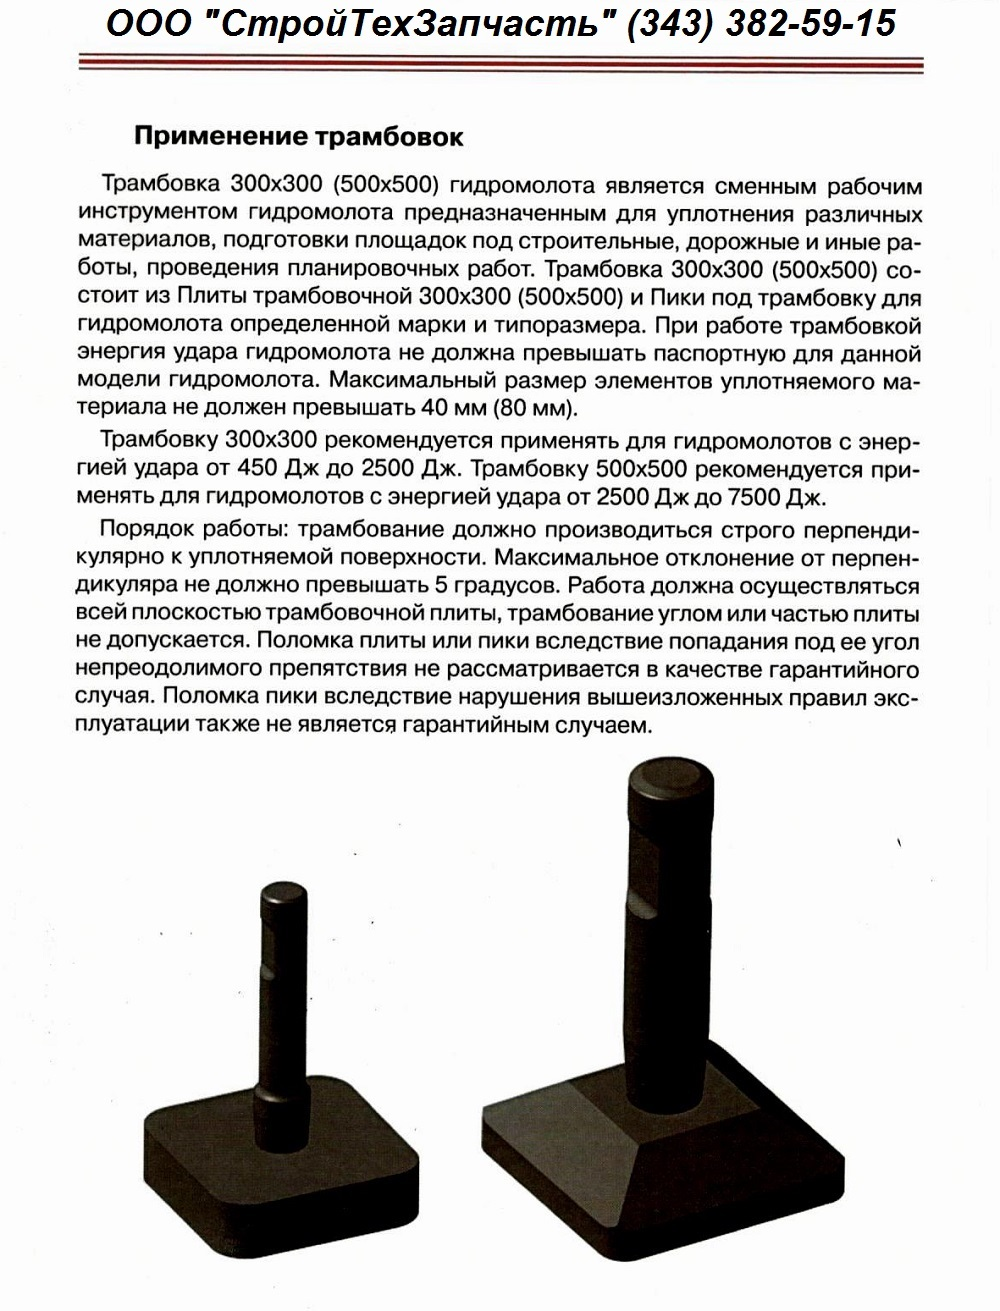 Трамбовка на гидромолот Hyper dyb 300b dvb 300t dyb 300s